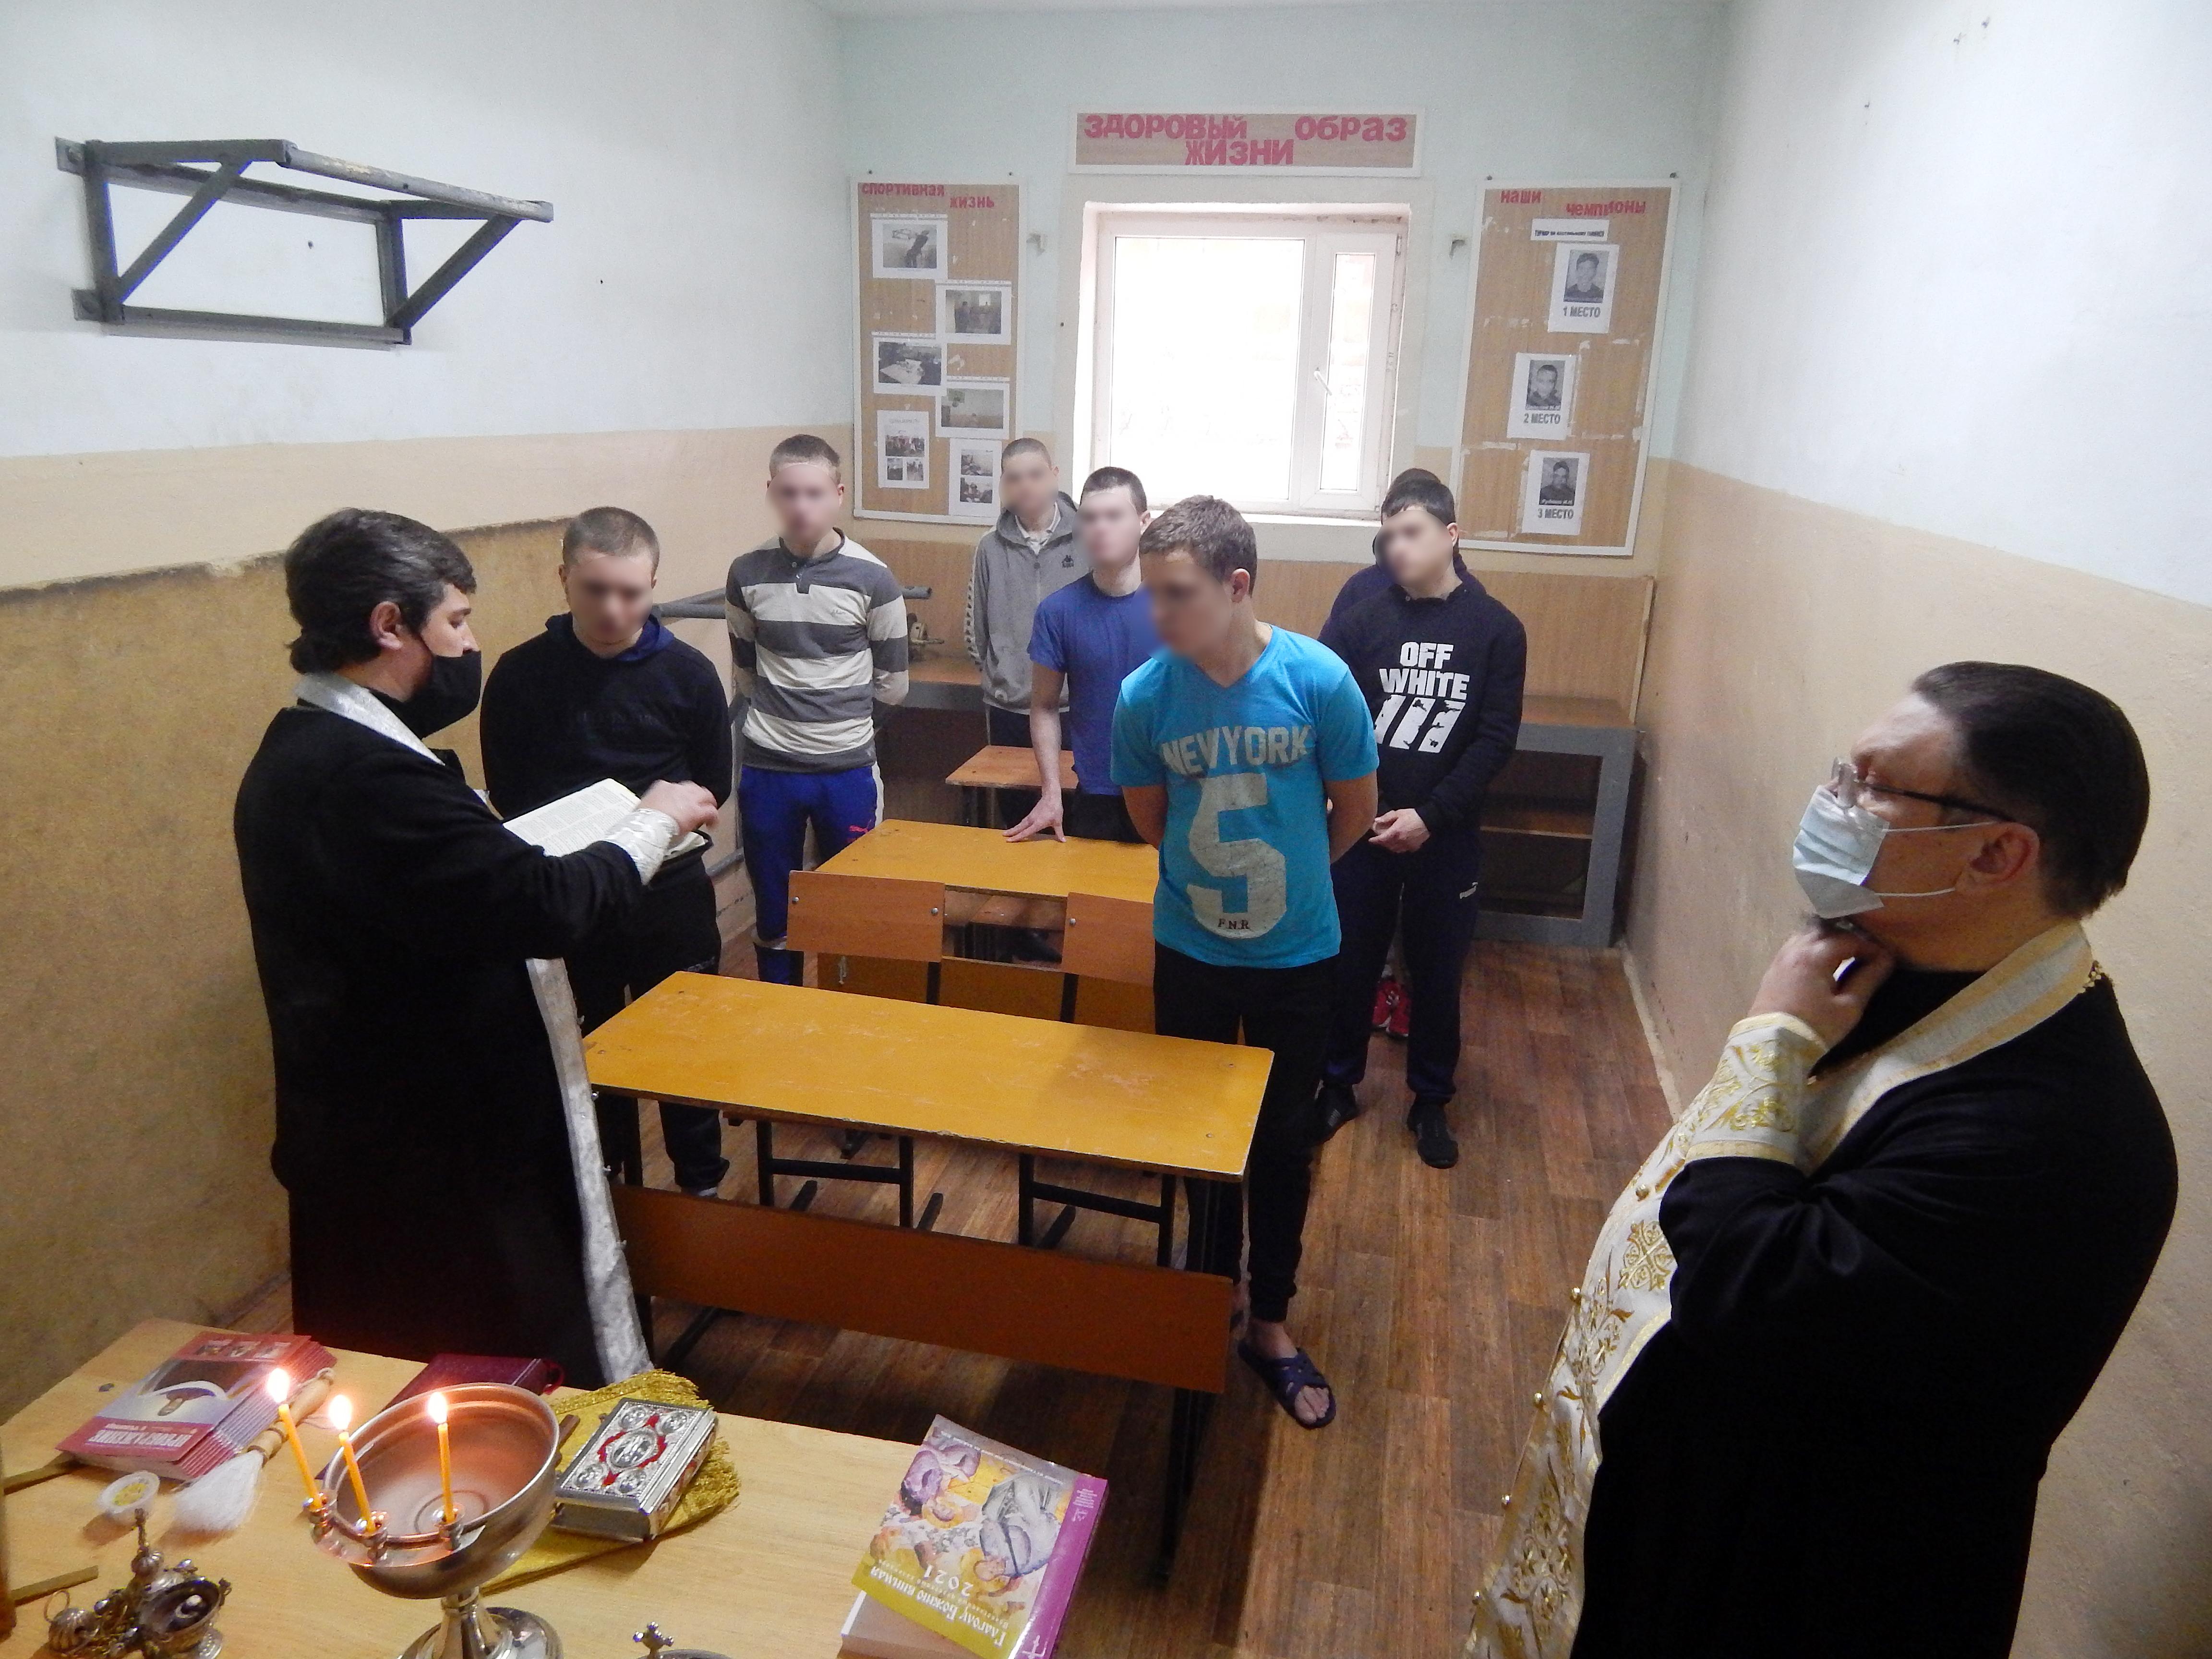 Клирики отдела по тюремному служению поздравили несовершеннолетних, содержащихся в следственном изоляторе г. Таганрога